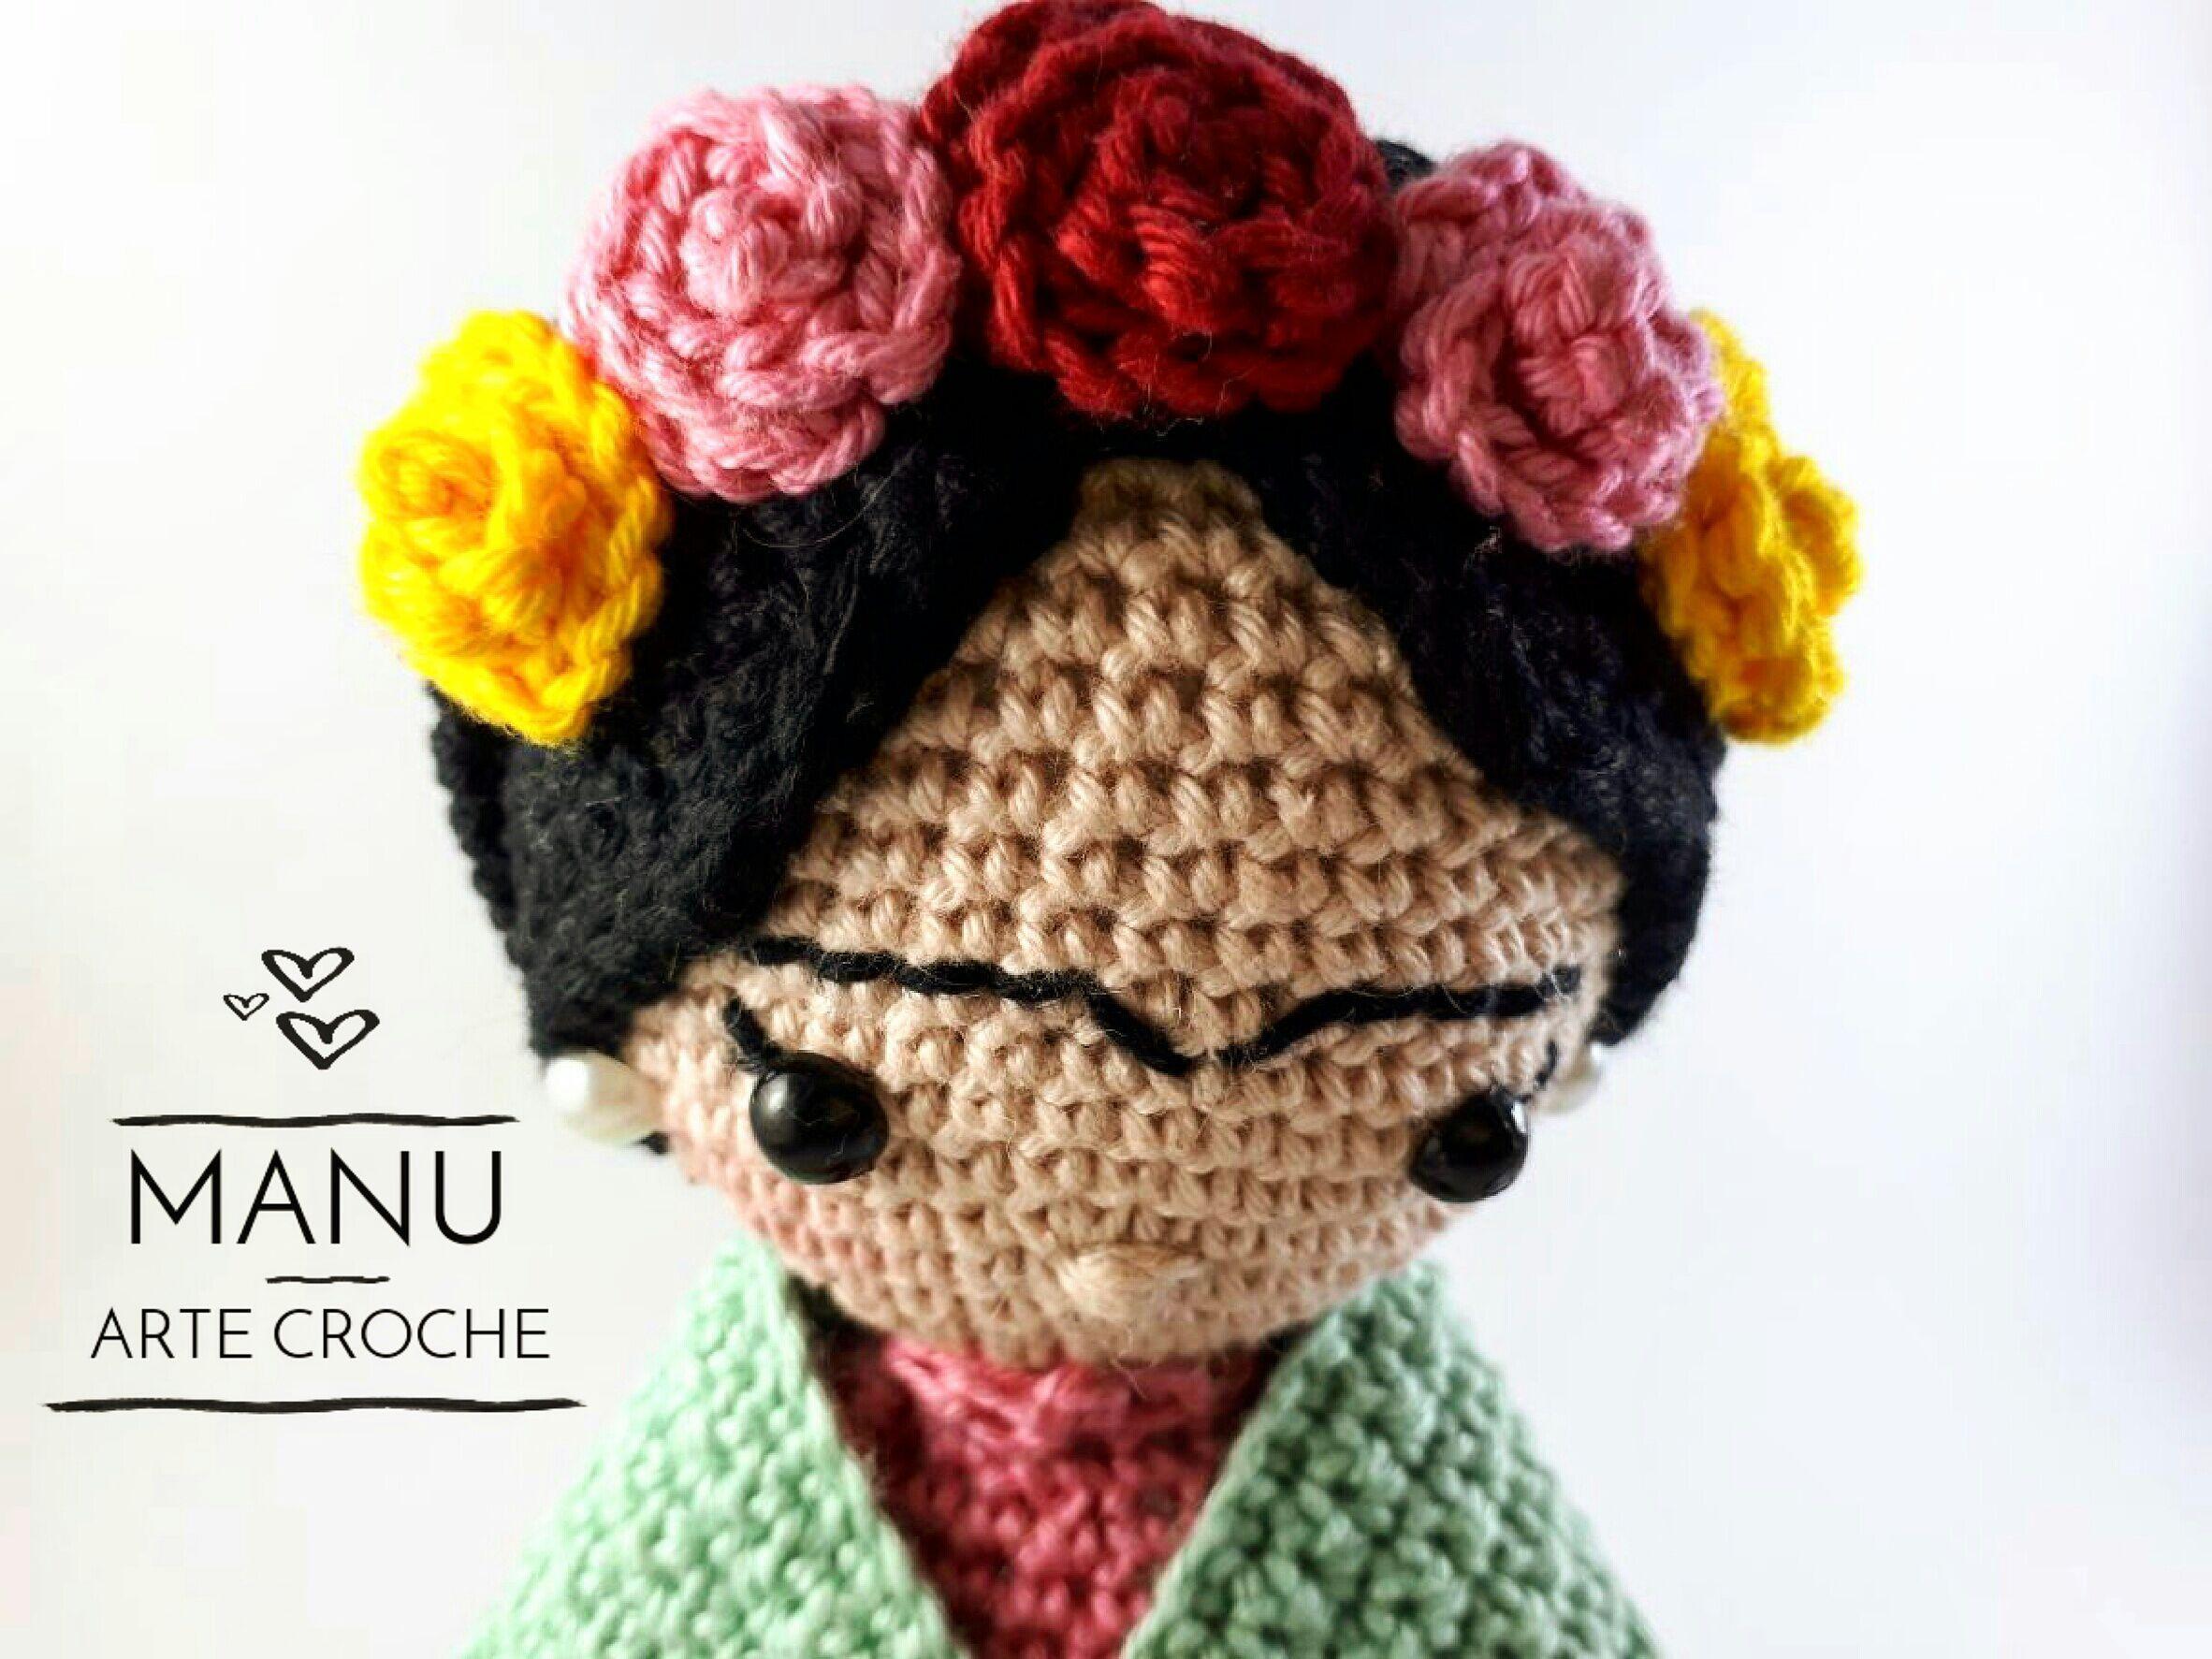 Amigurumi Frida Kahlo : Mini frida kahlo crochet amigurumi en mercado libre